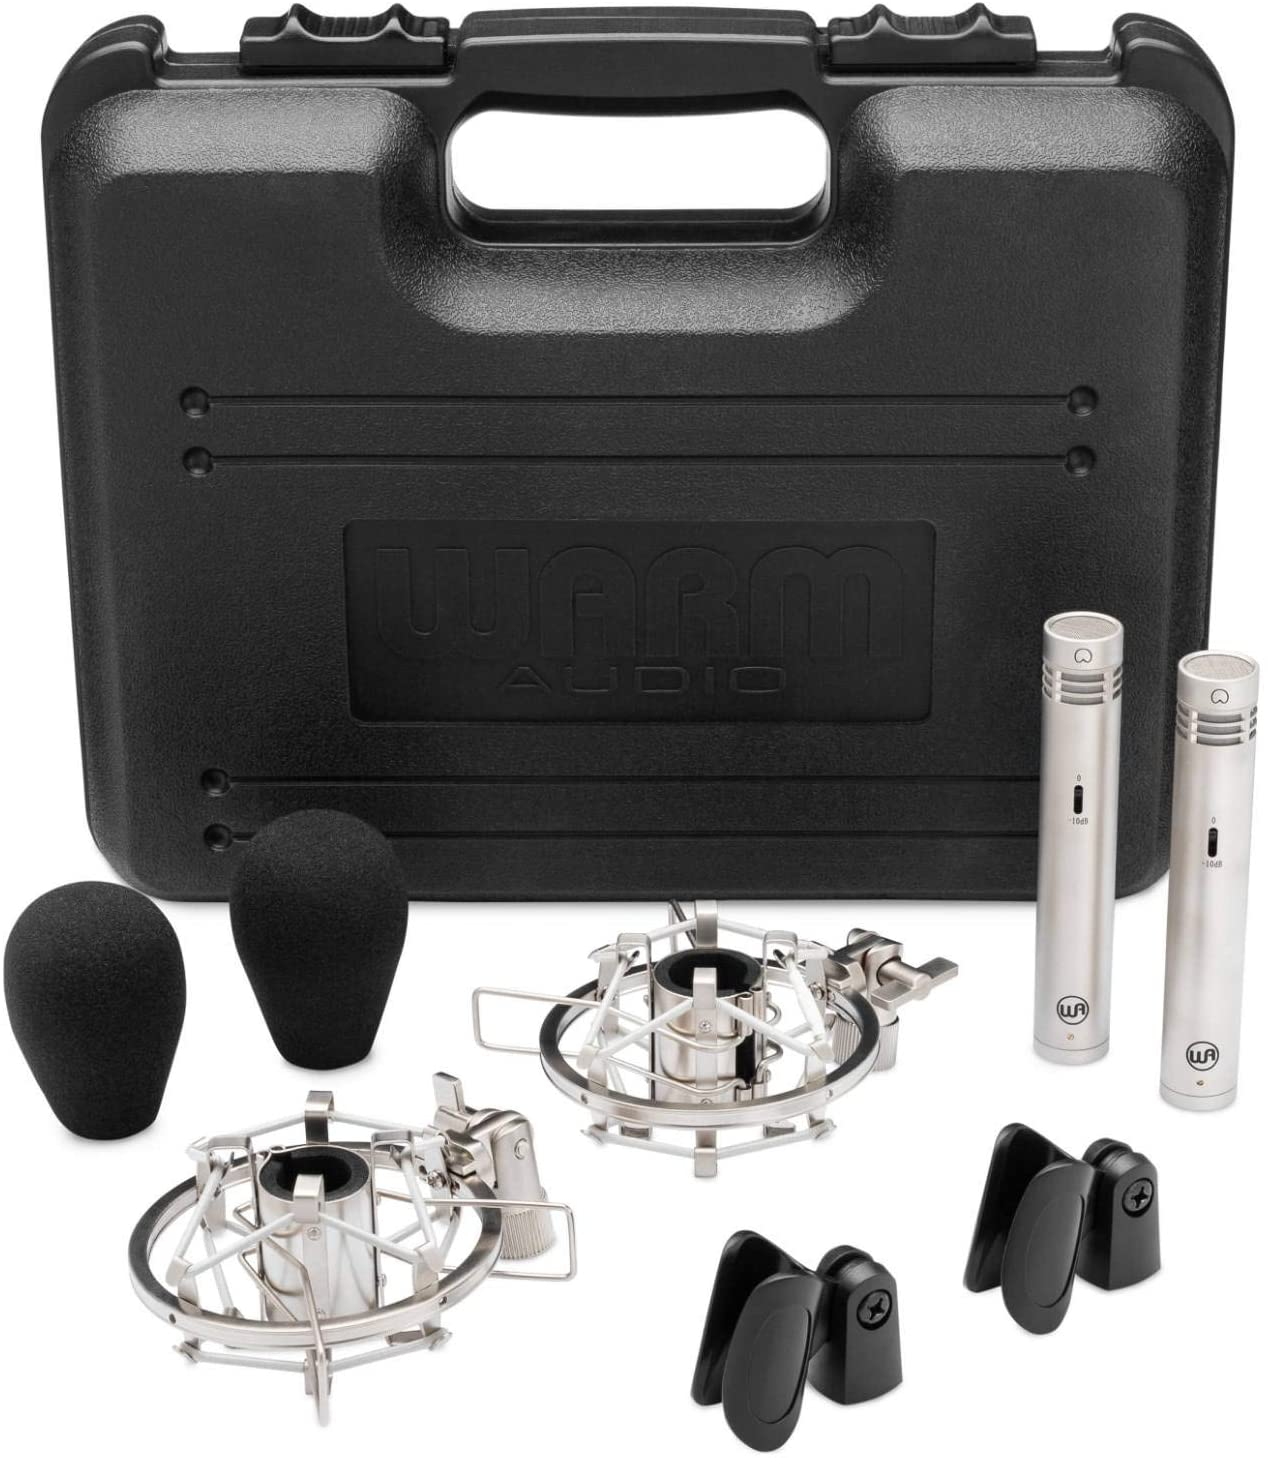 Warm Audio WA-84 Stereo Pair - Nickel